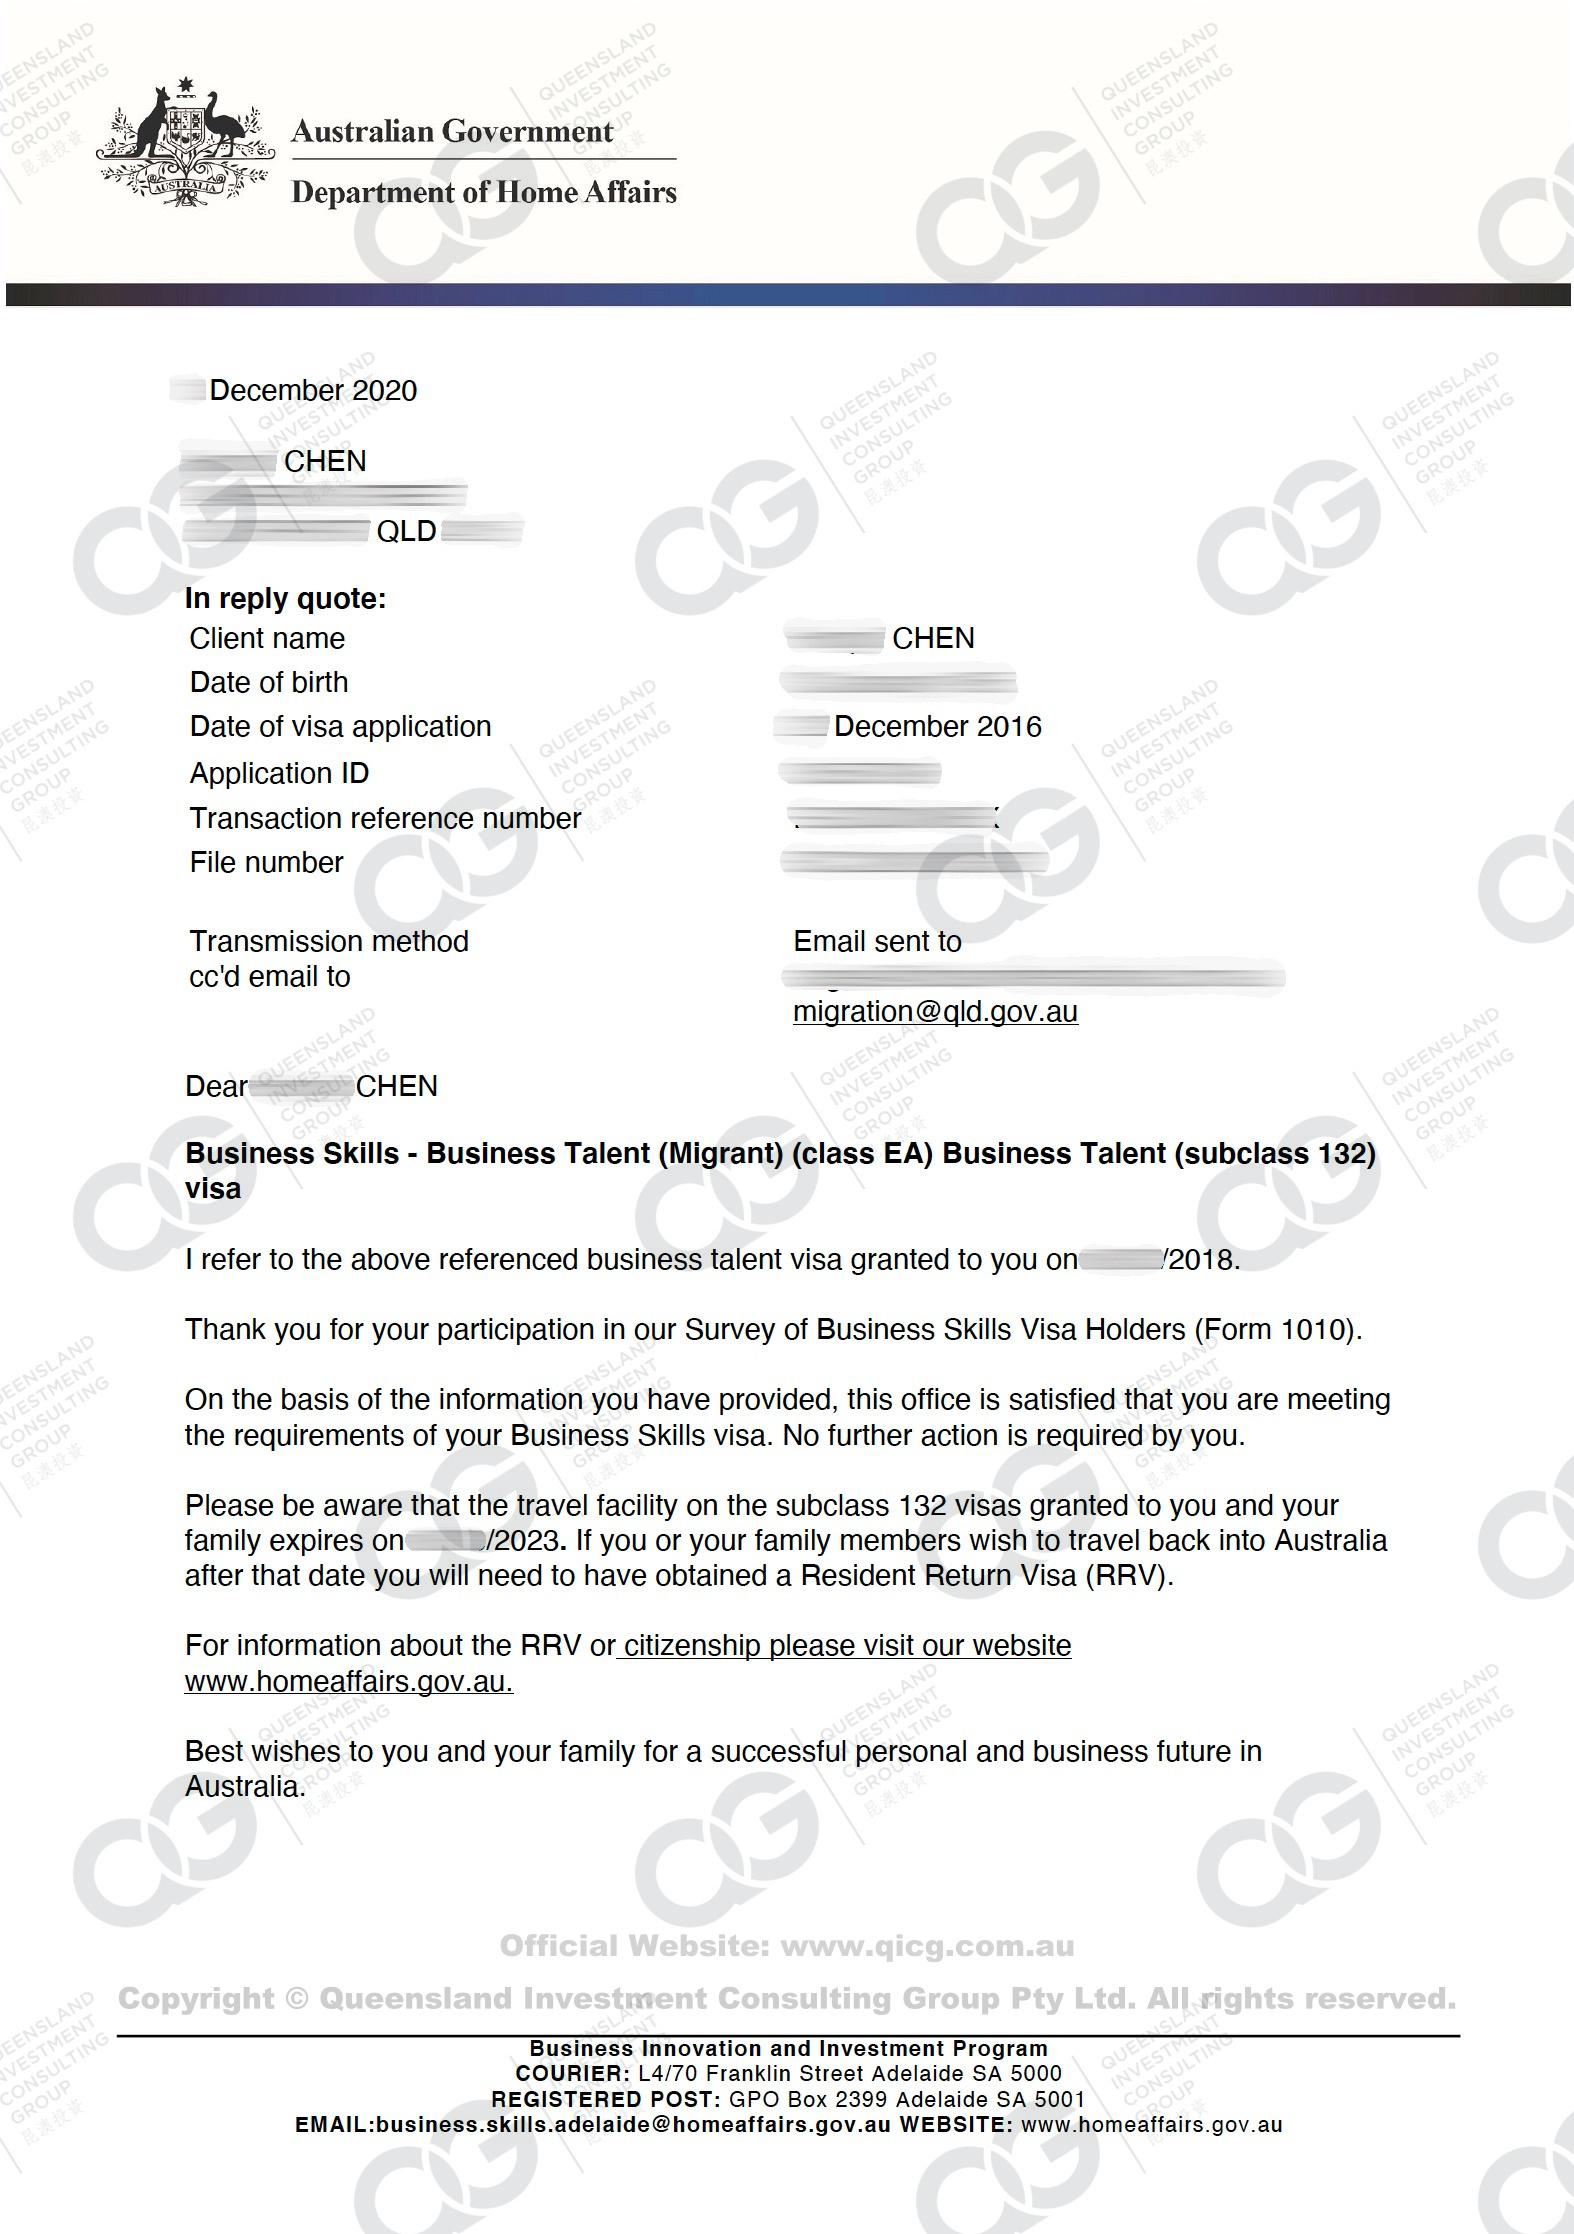 132 visa approve letter